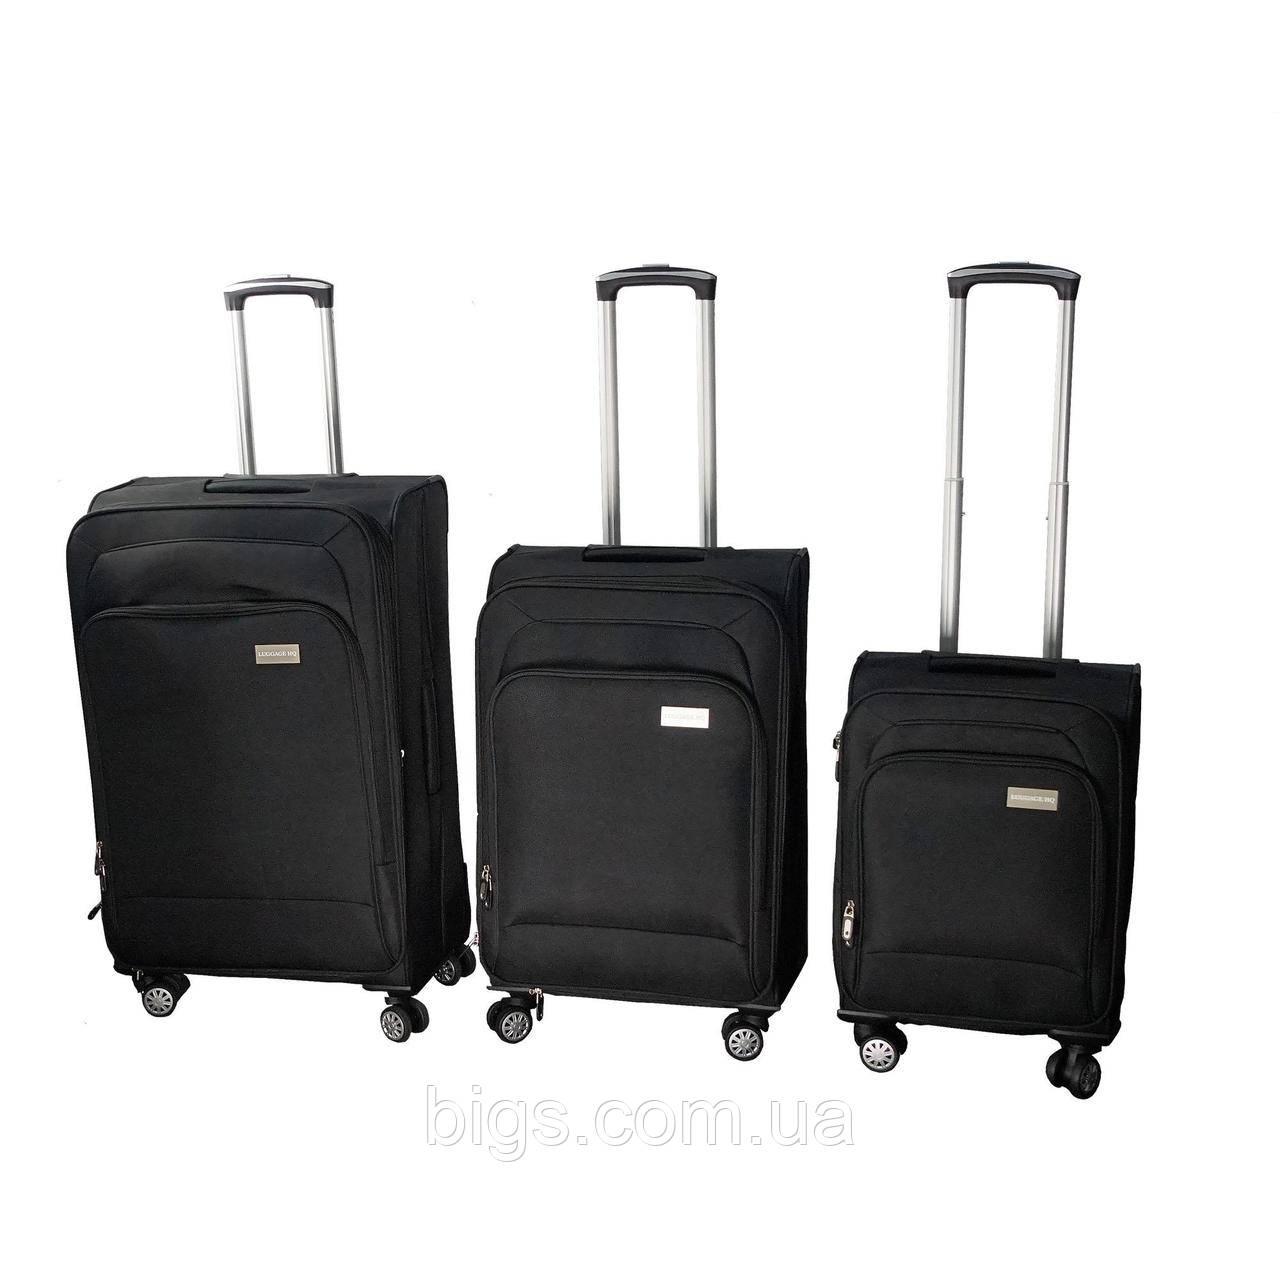 Набор чемоданов тканевых на колесиках 3 шт